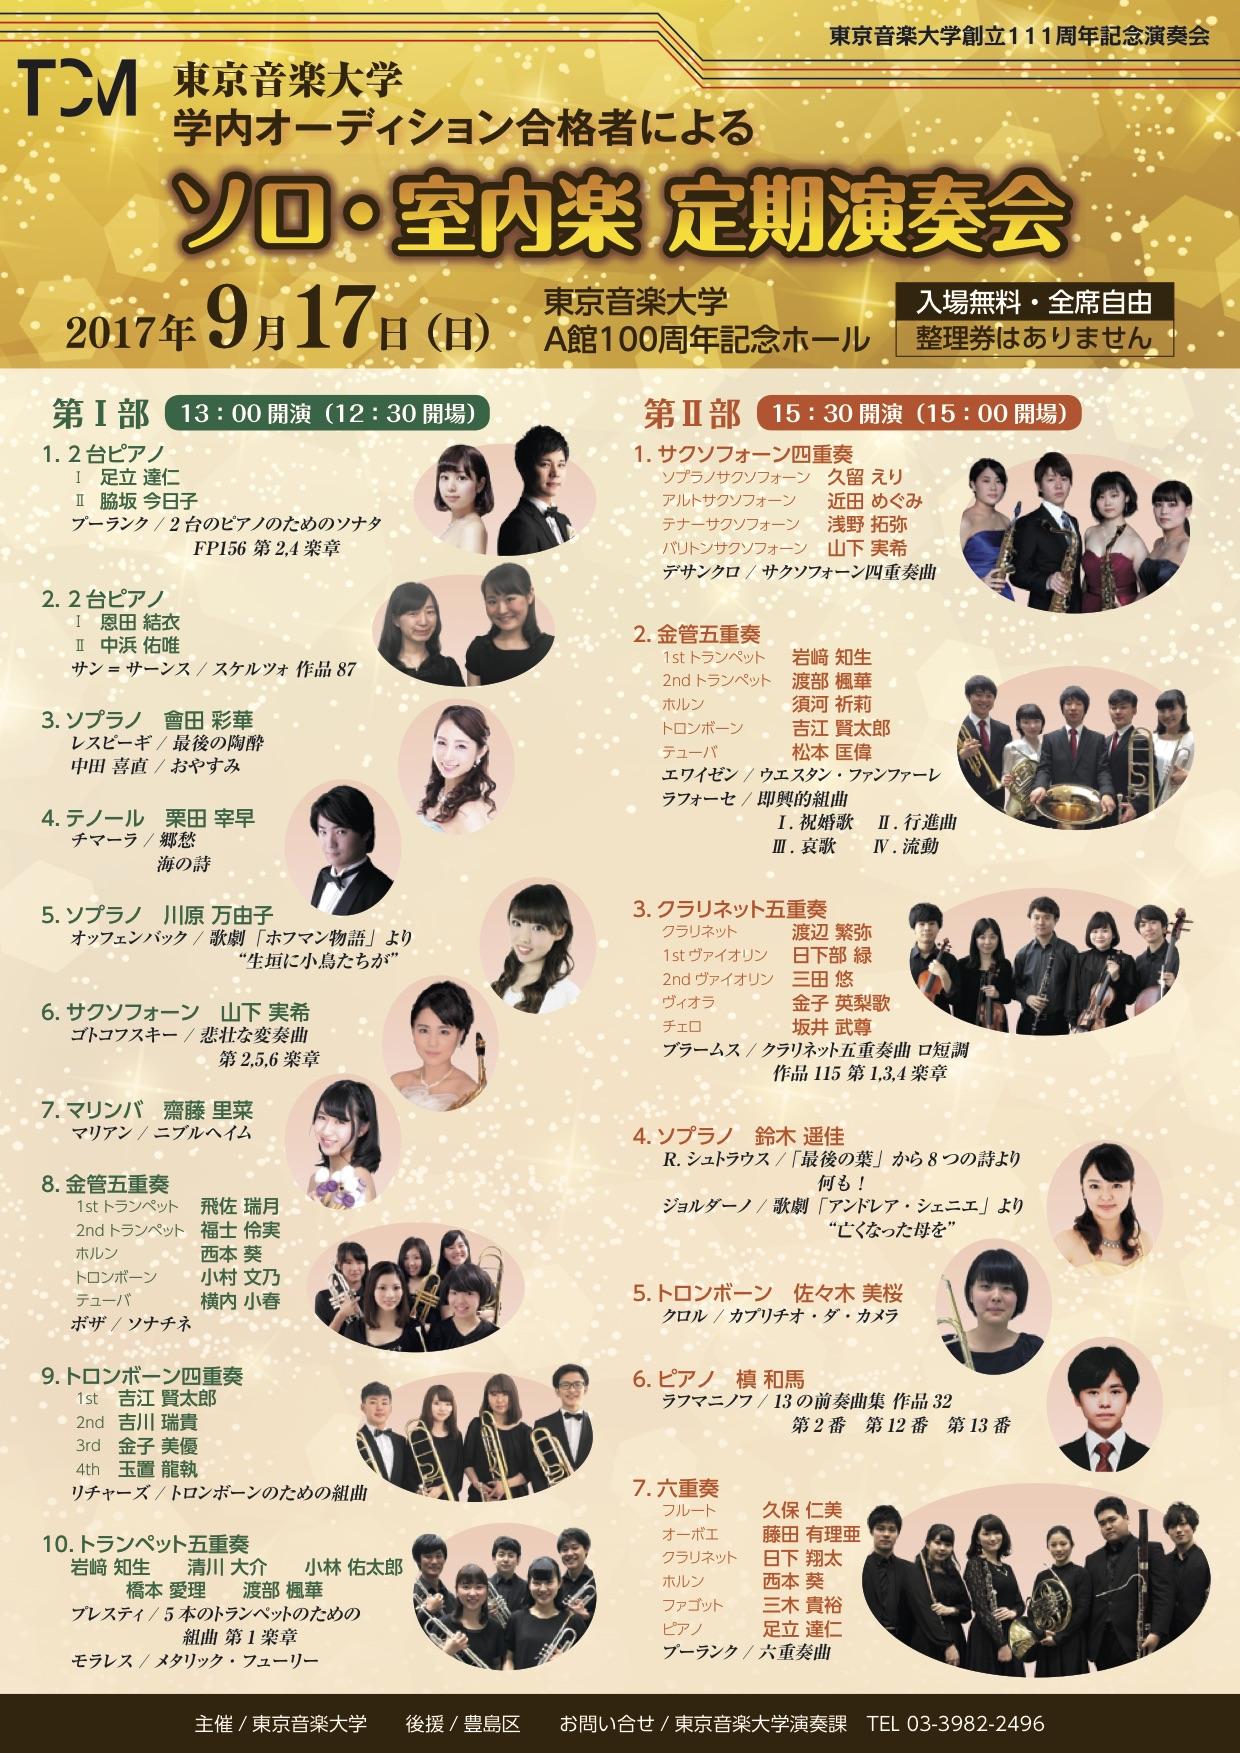 東京音楽大学 学内オーディションによる ソロ・室内楽 定期演奏会